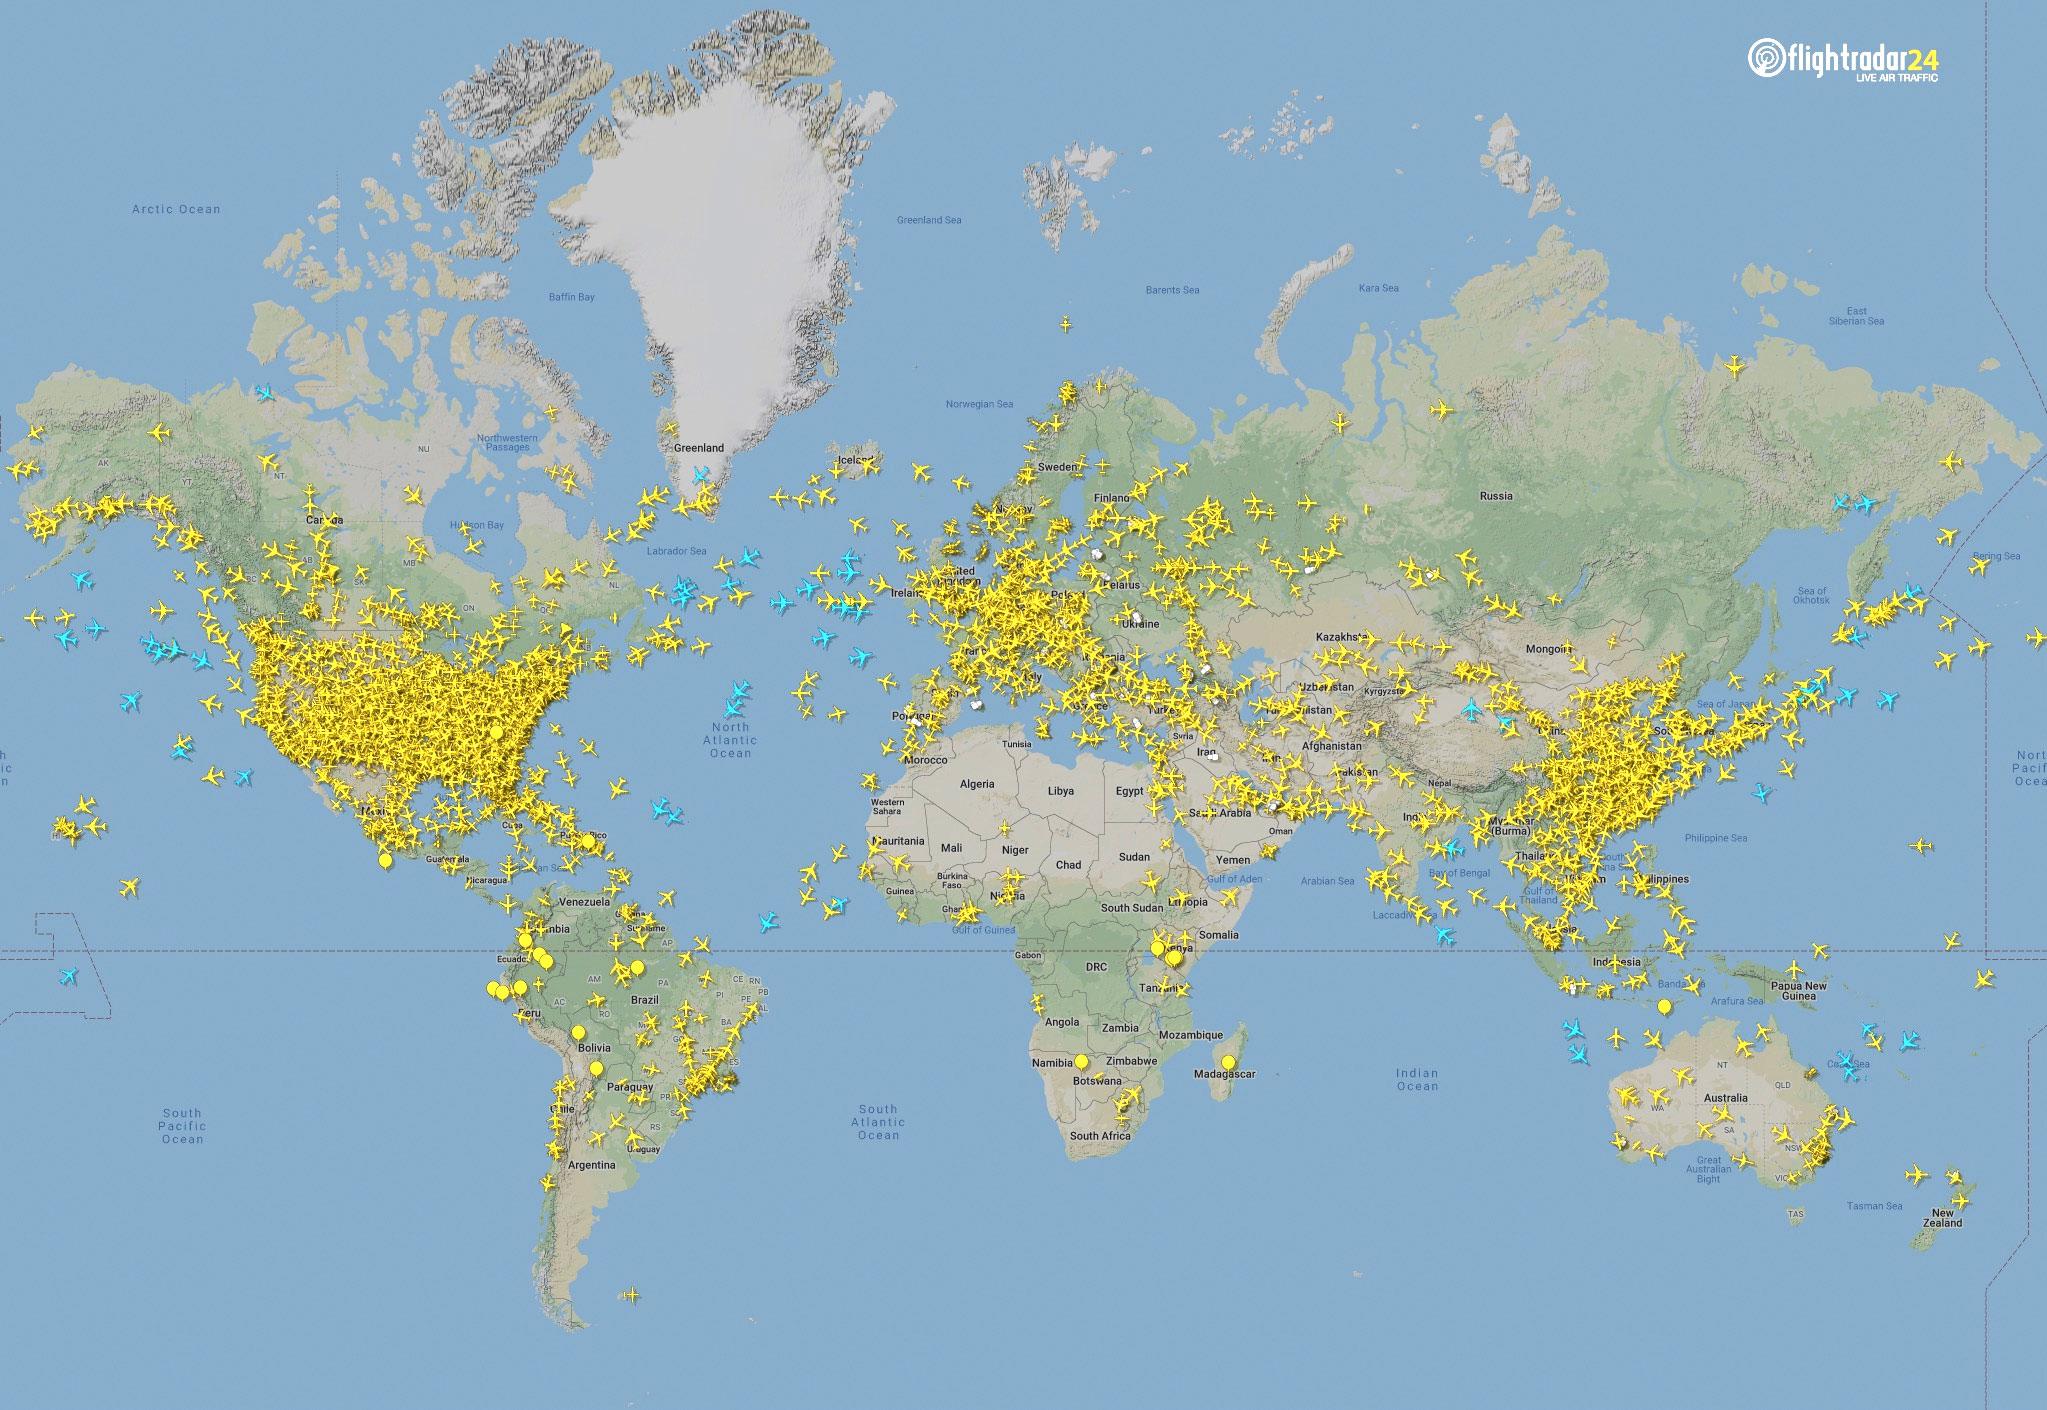 Global air traffic April 7, 2020. (Source: Flightradar24)